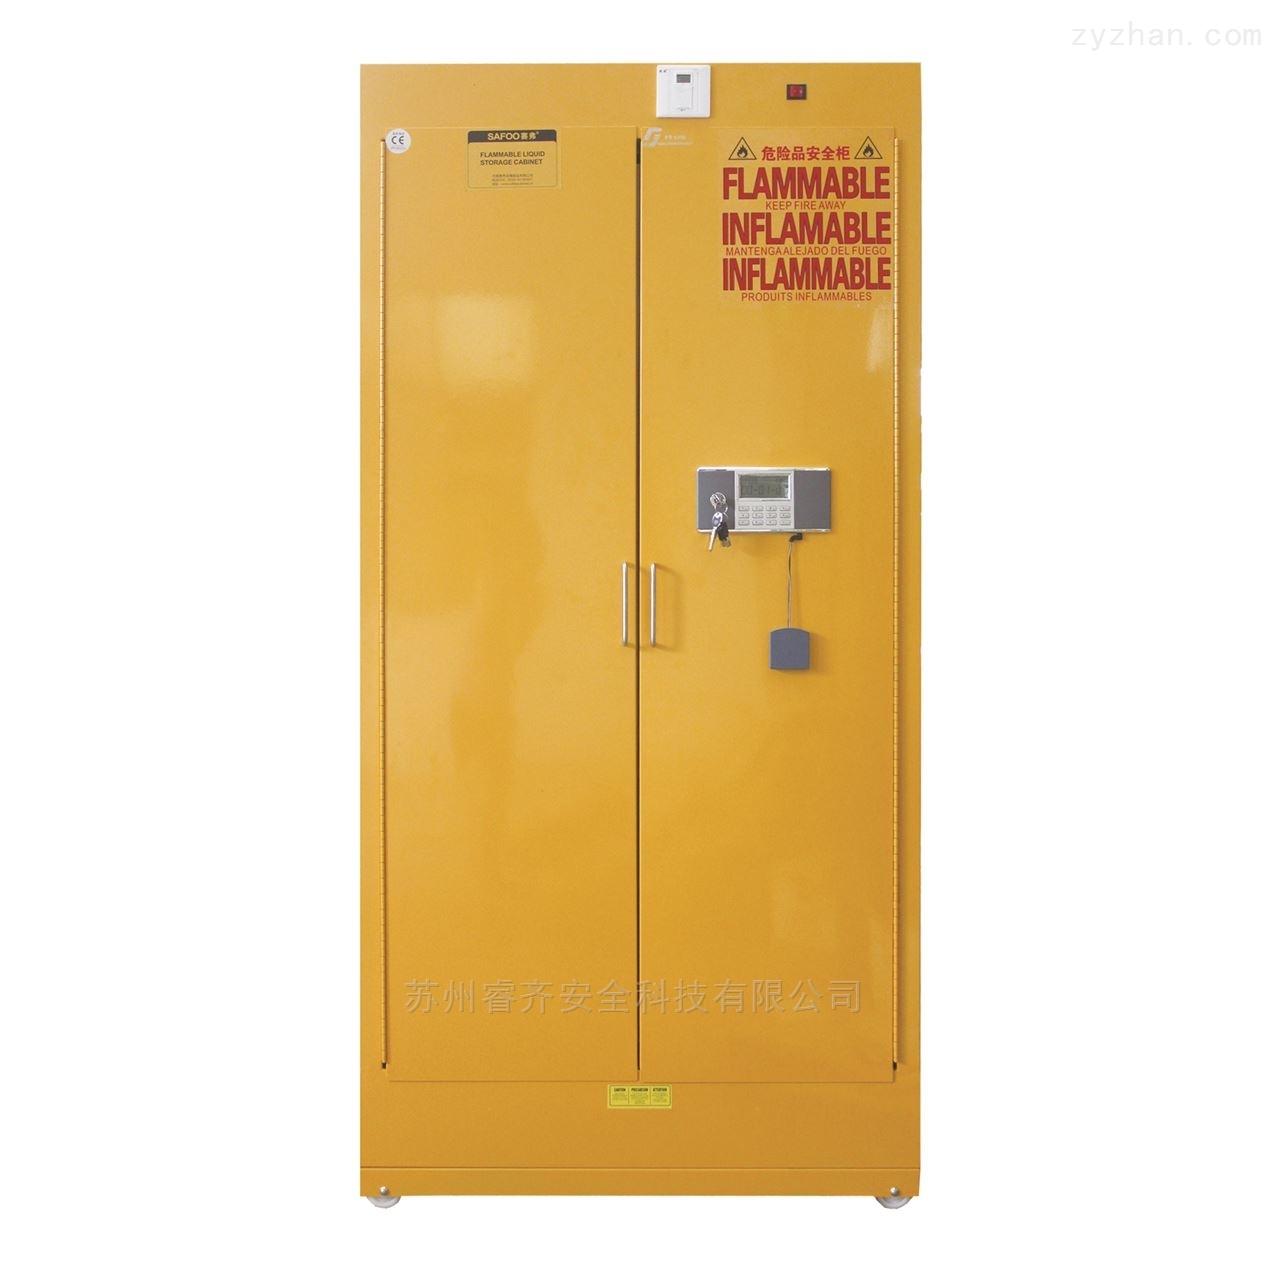 易燃品储存安全柜